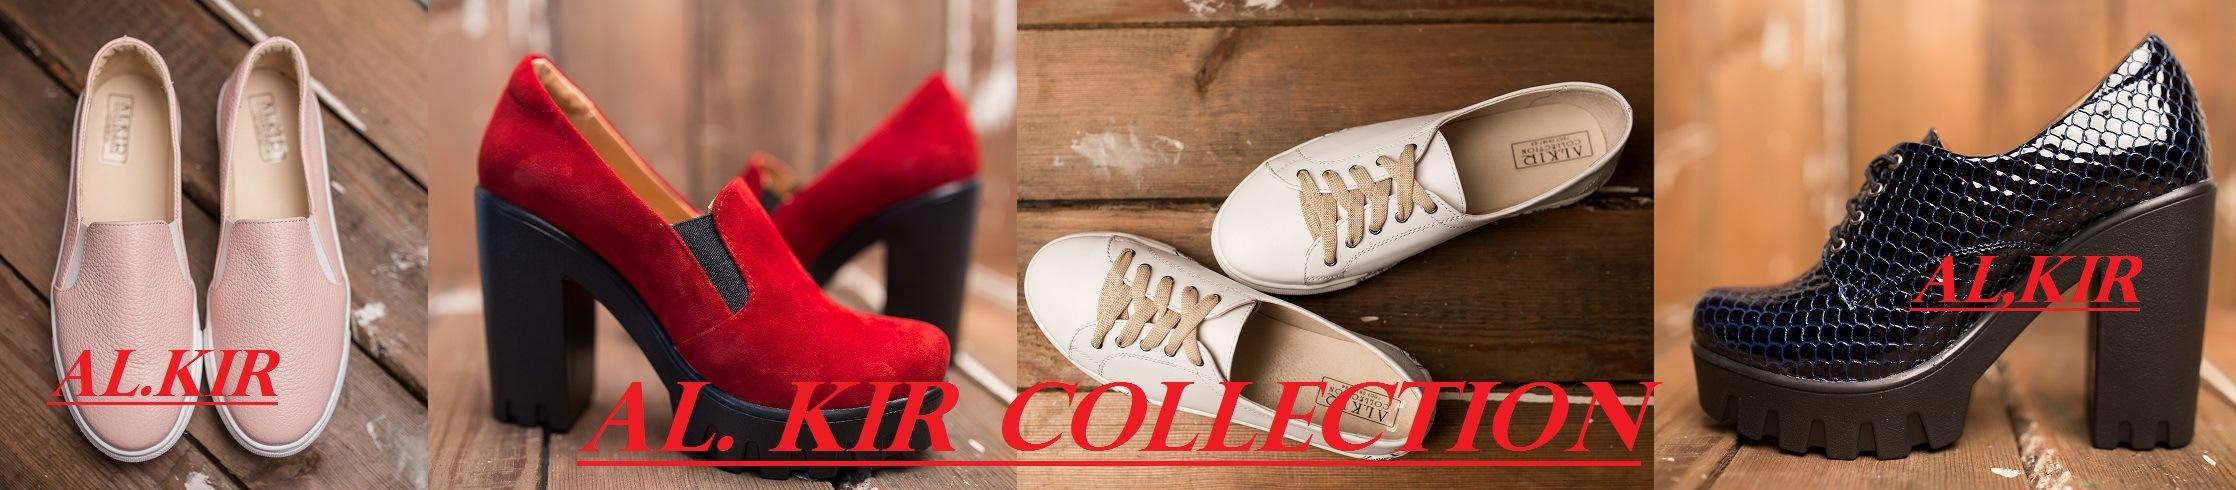 ee5d727a305a Фабрика обуви AL.KIR (Аль Кир) - Днепр ― Выставка обуви онлайн